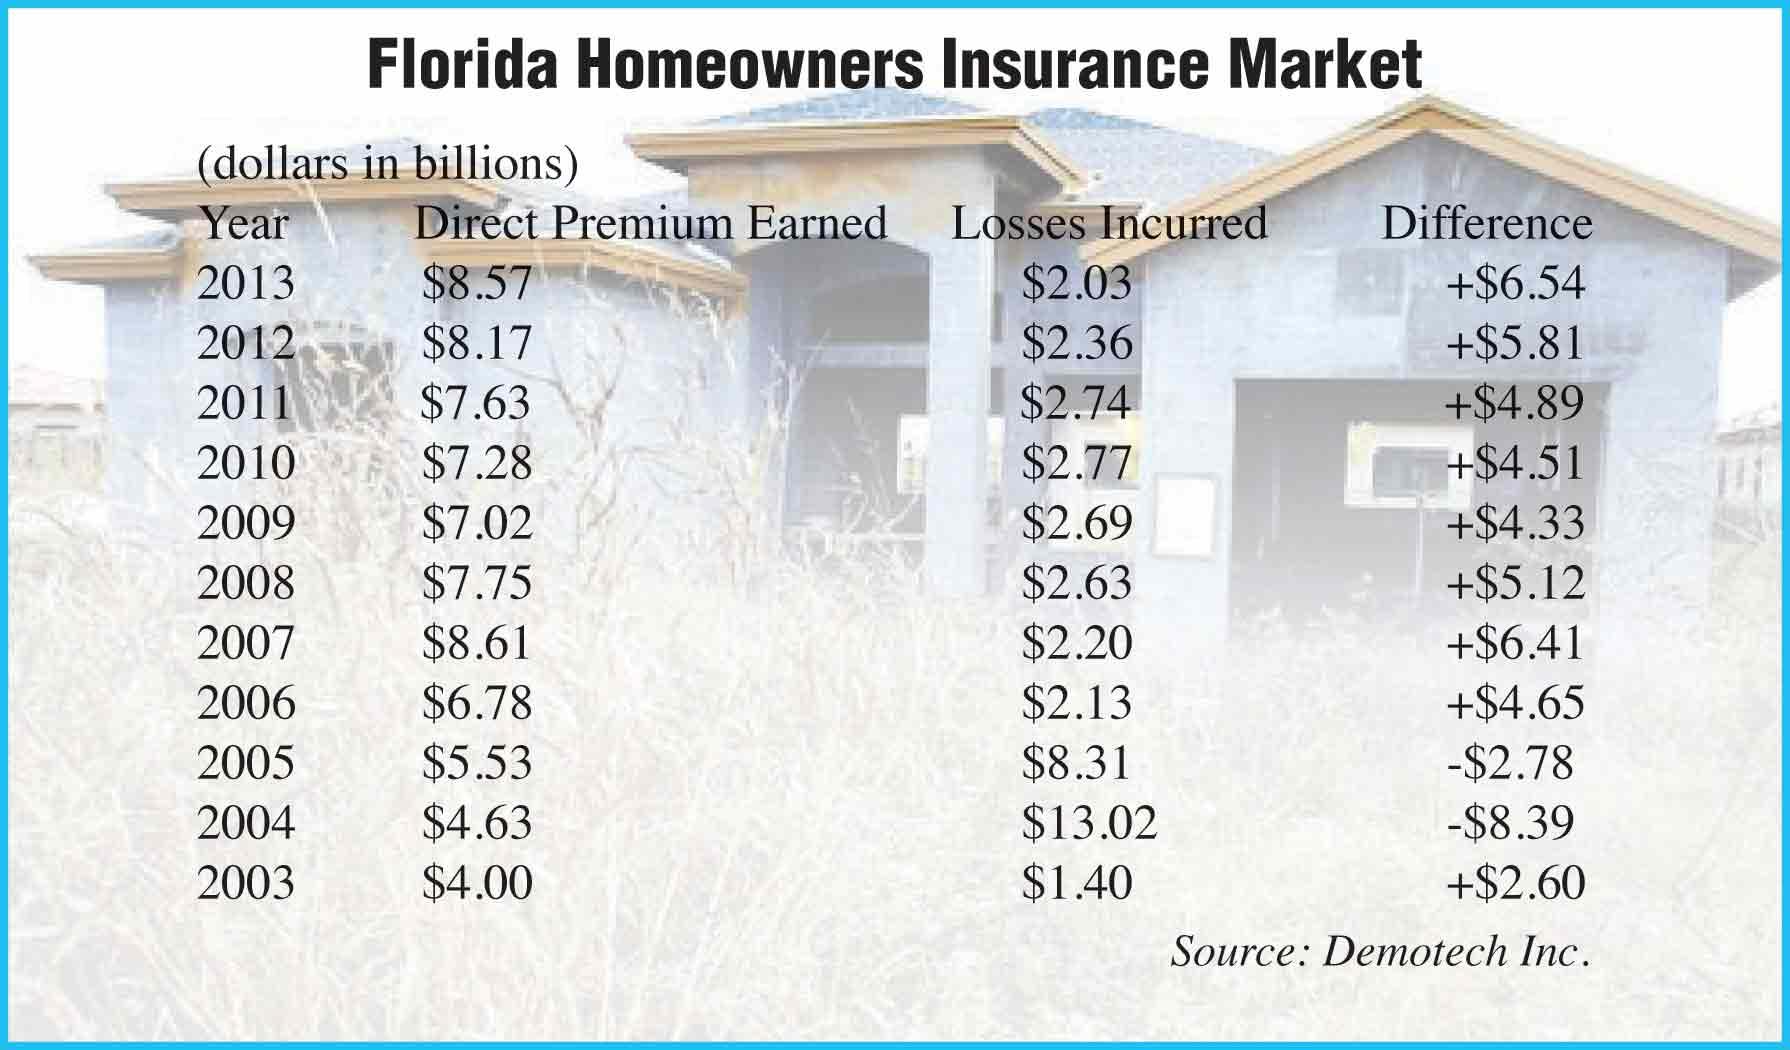 Home insurers' premium margin expands